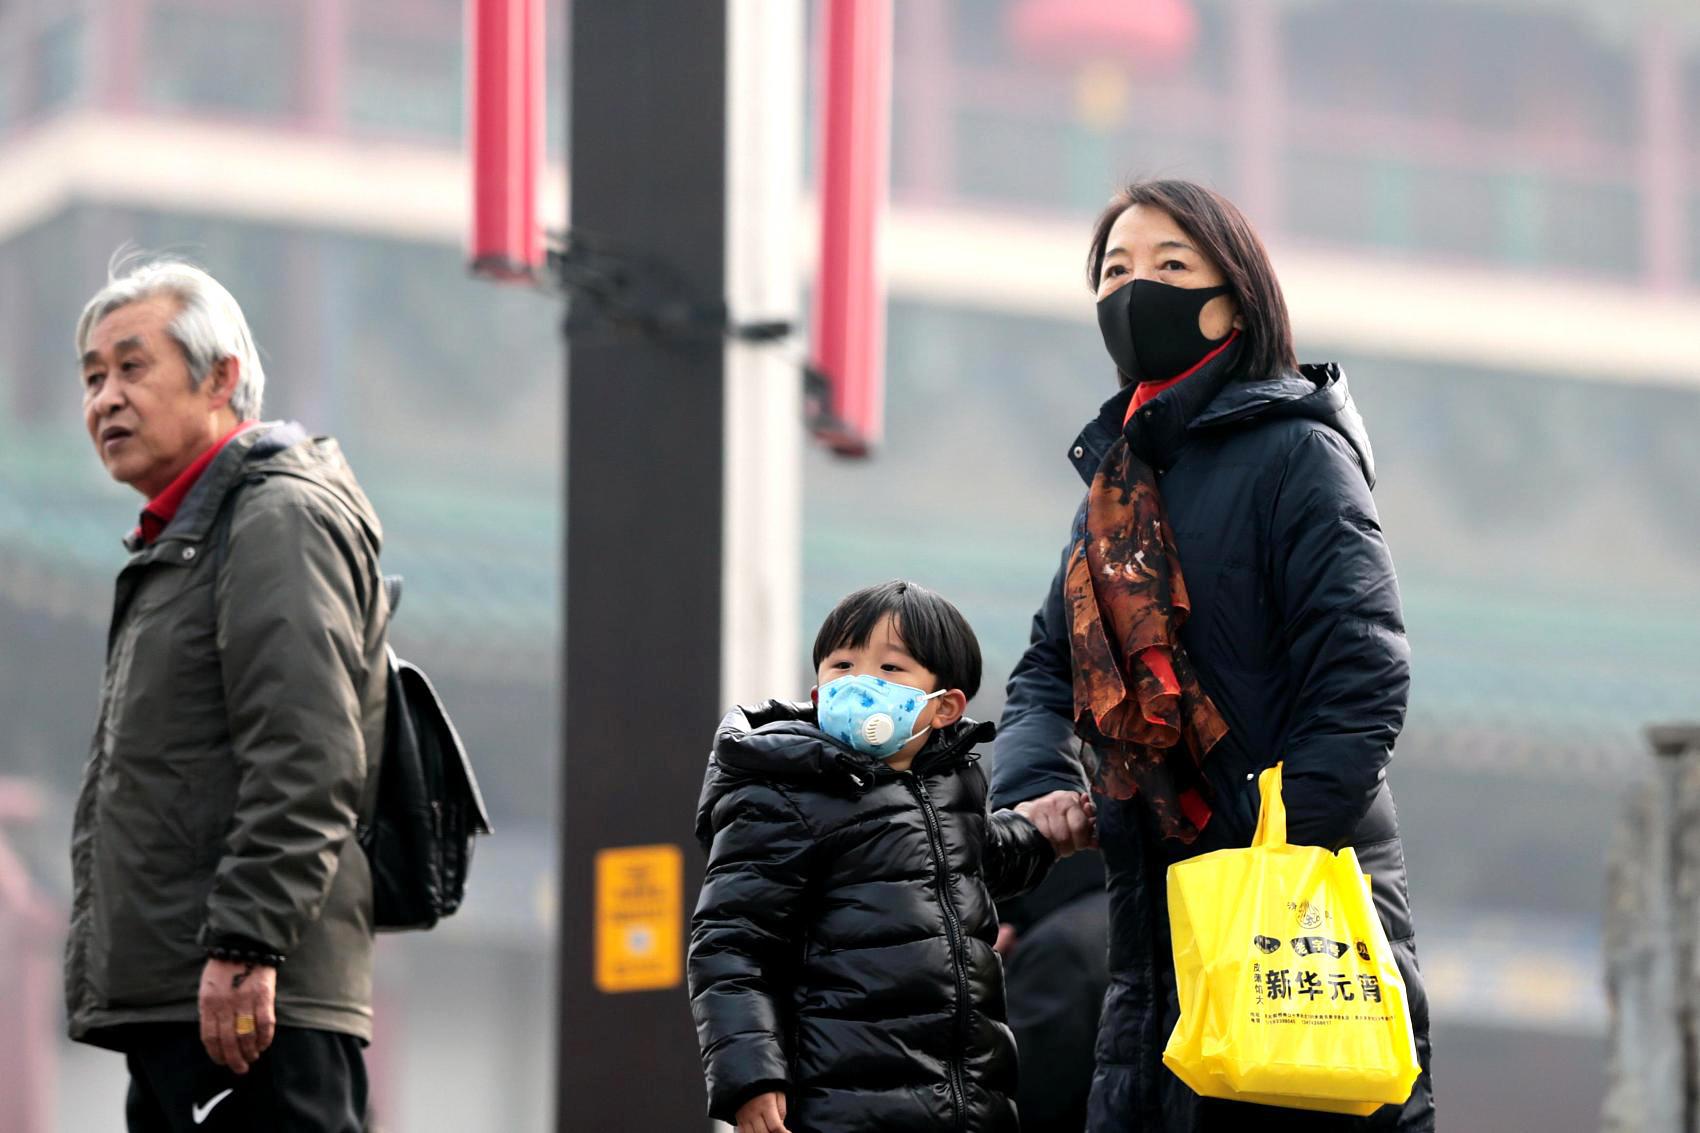 国家卫健委:建议中小学、幼儿园配置空气净化器